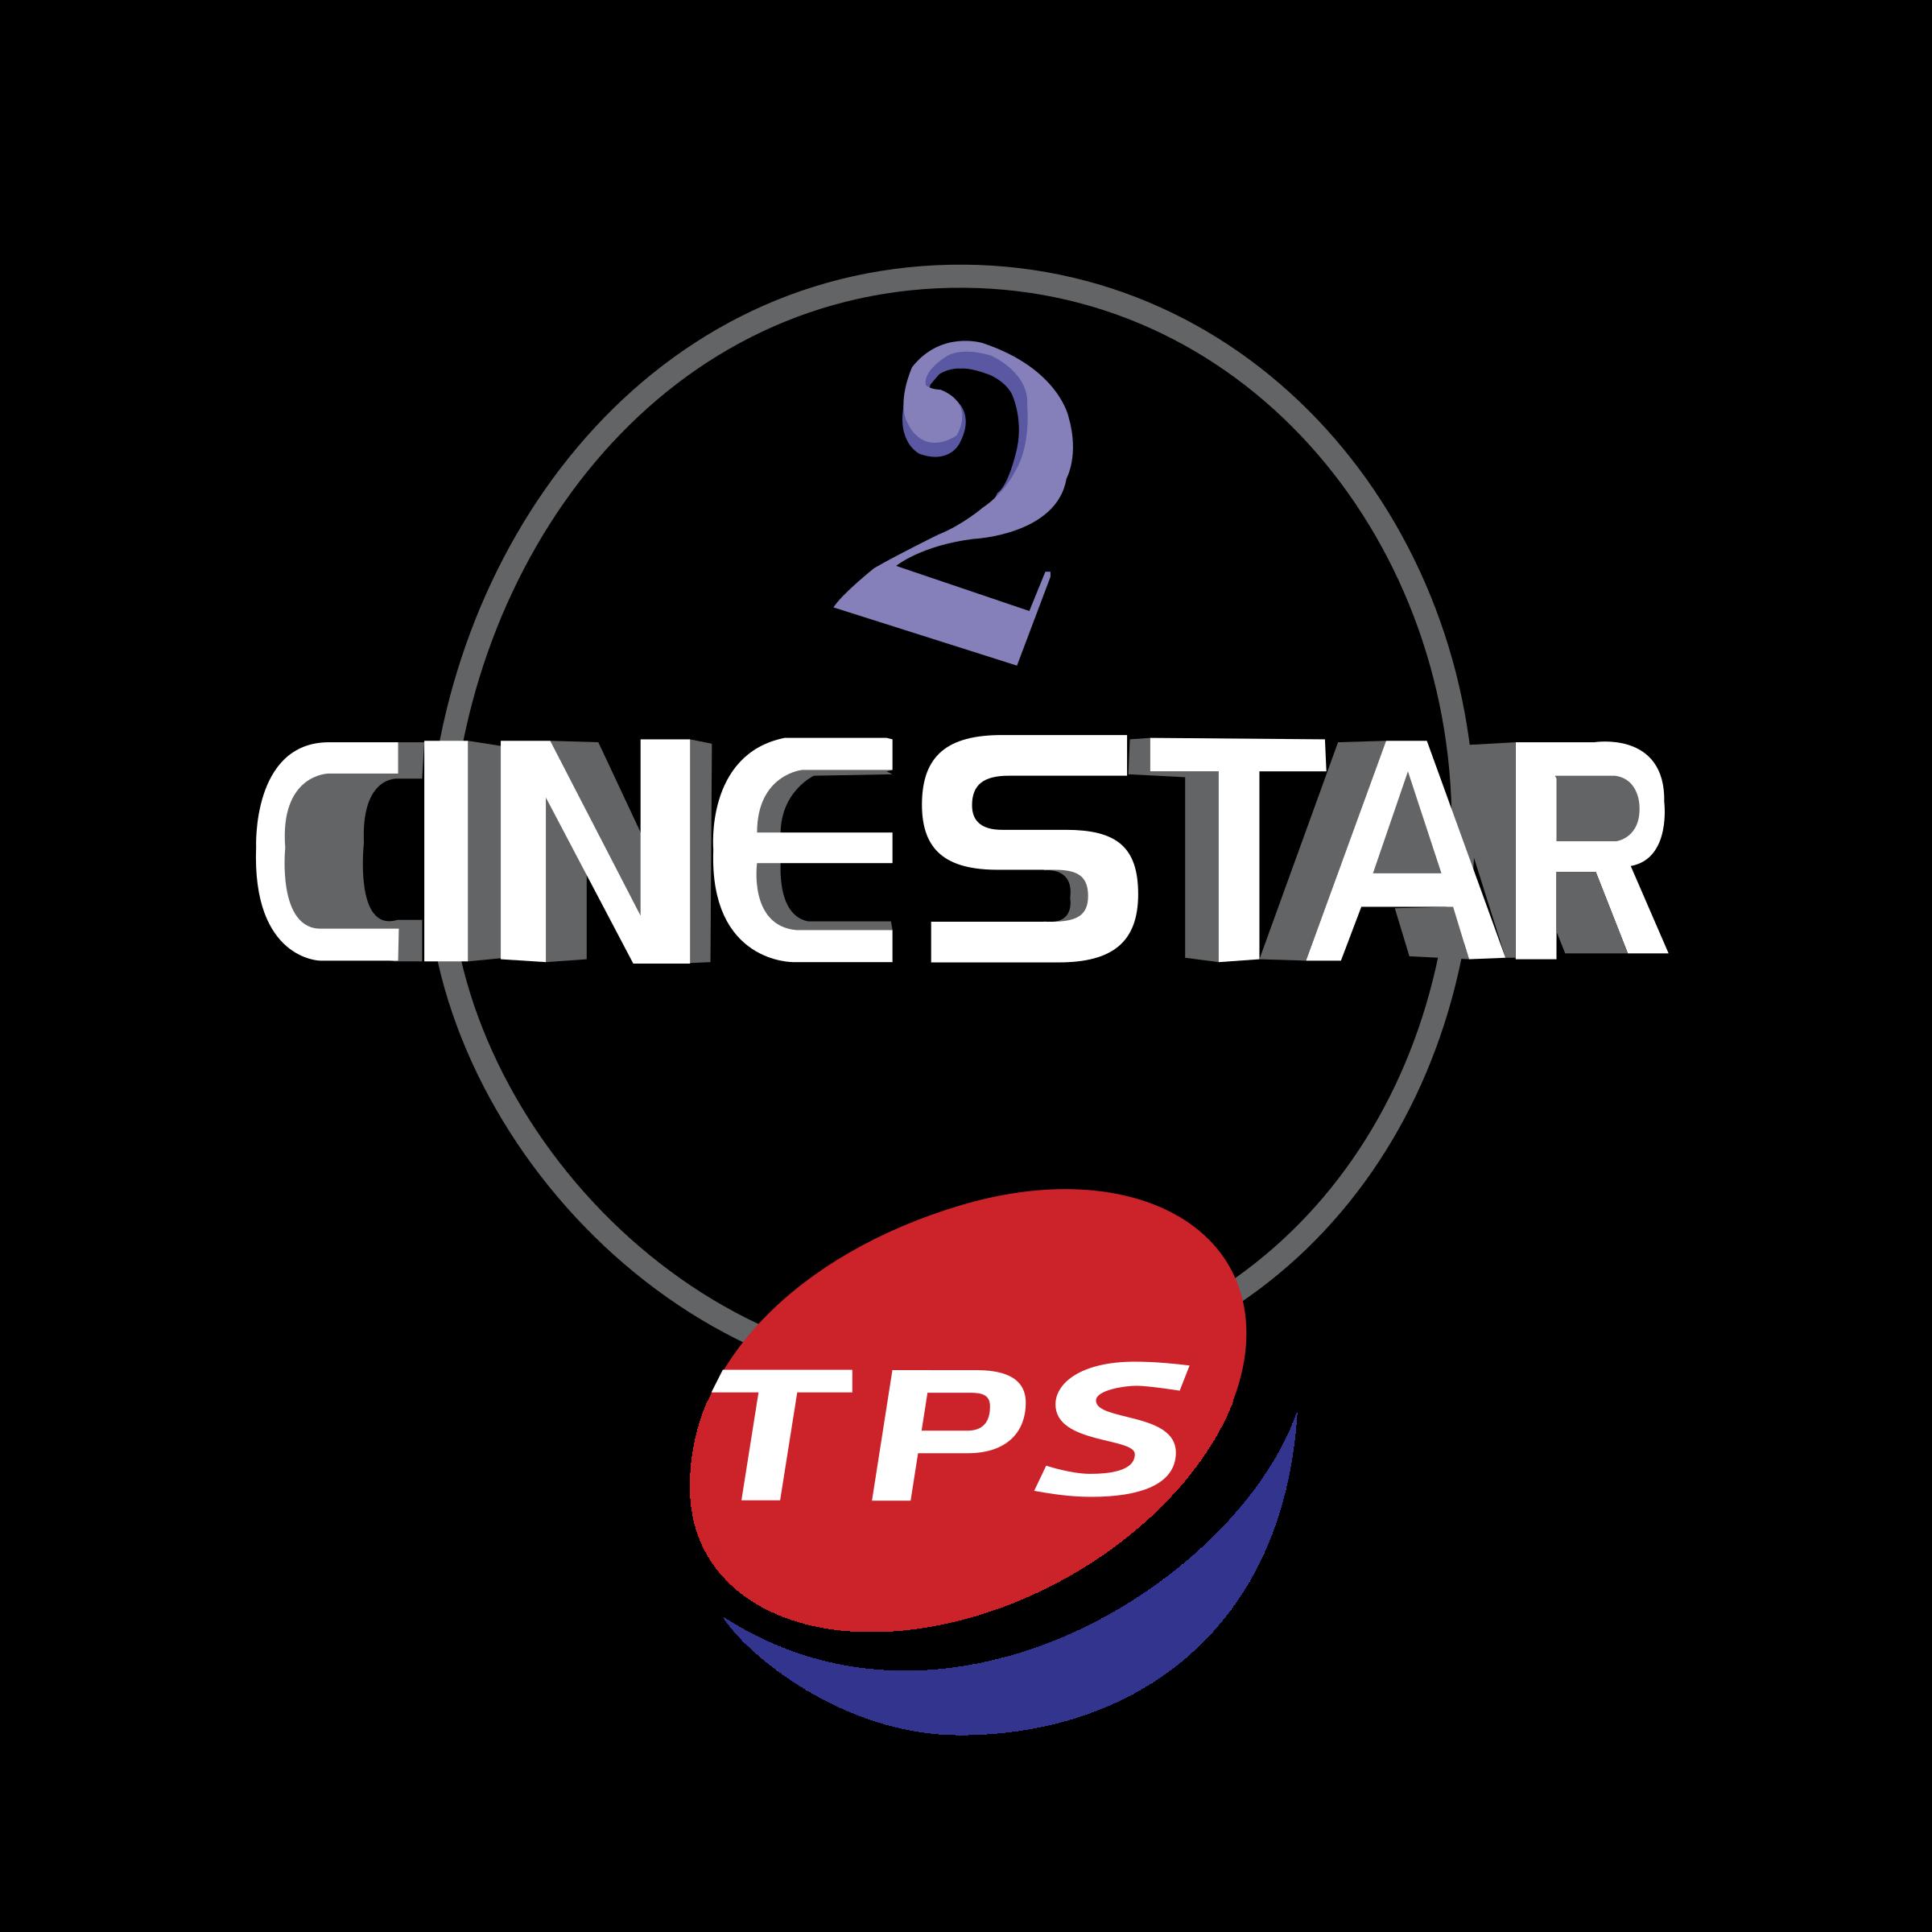 Cinestar 2 Logo Png Transparent Svg Vector Freebie Supply